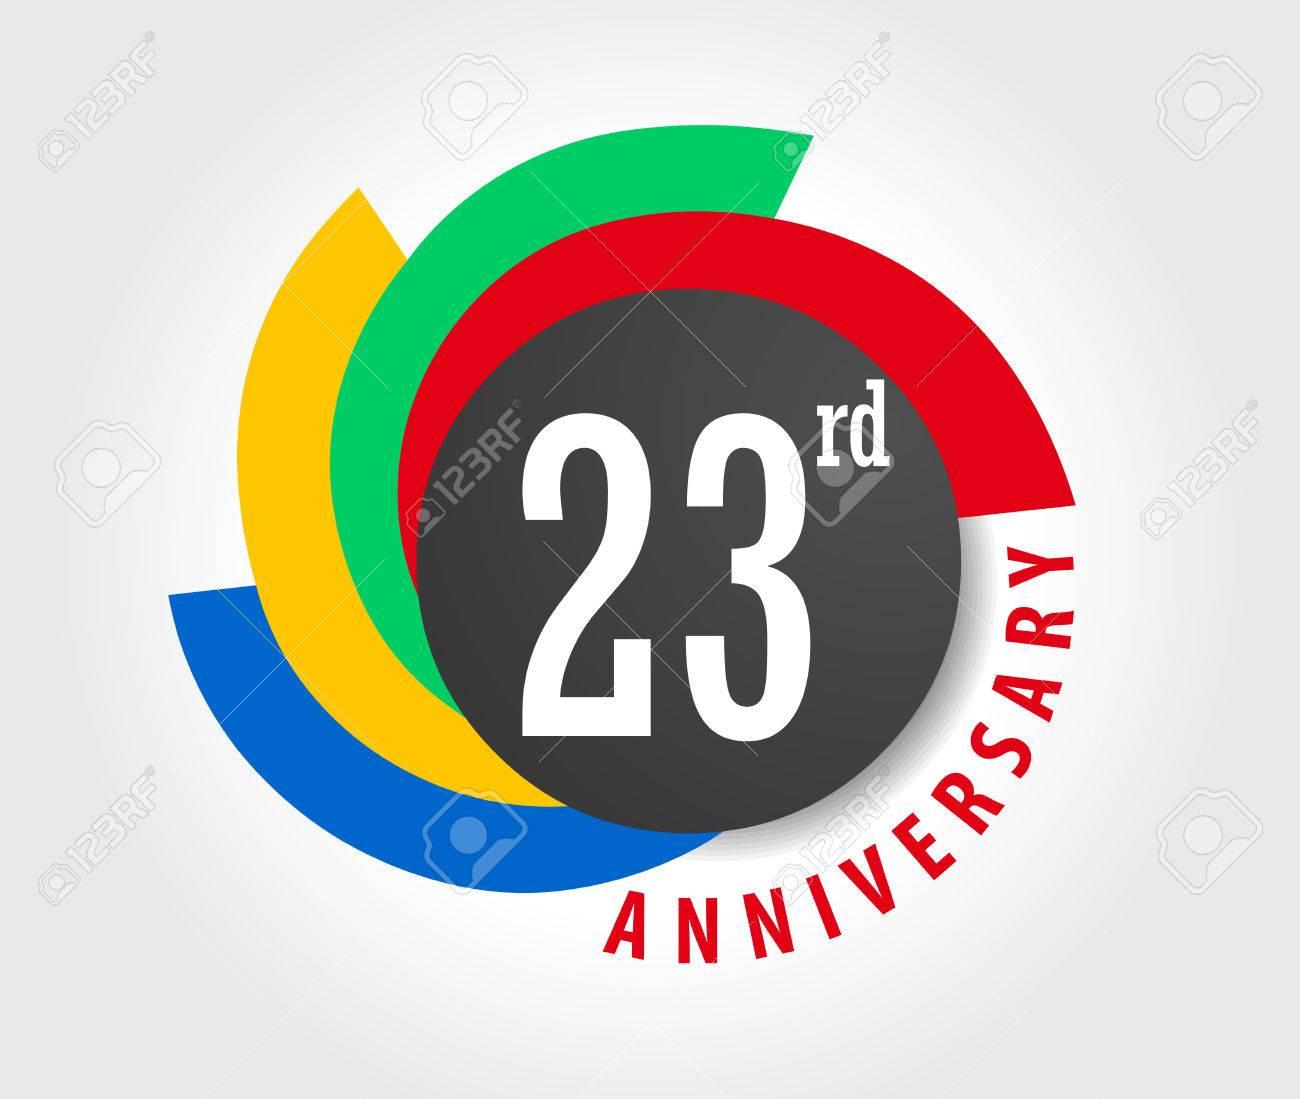 Auguri Anniversario Matrimonio 23 Anni.23 Anniversario Celebrazione Sfondo 23 Anni Biglietto Di Auguri Illustrazione Vector Eps10